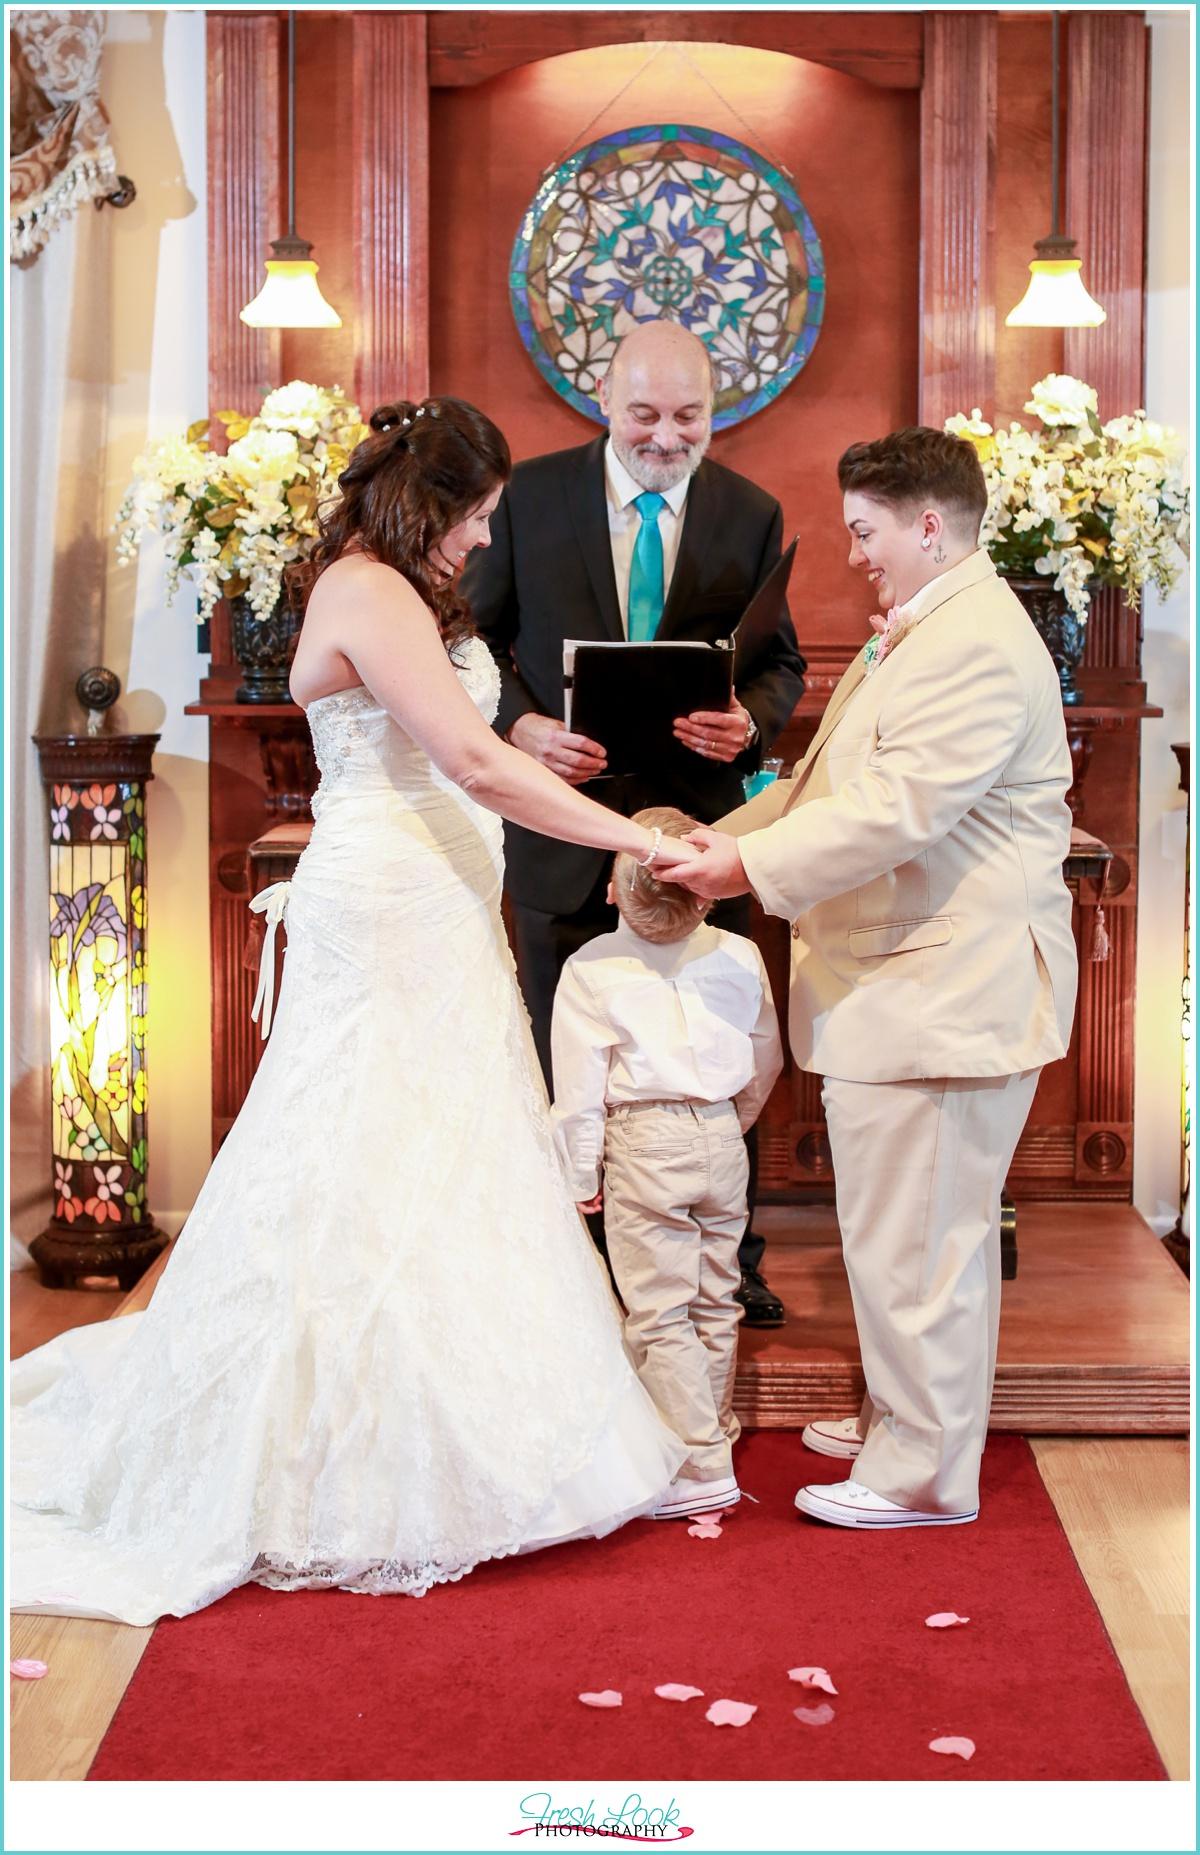 wedding ceremony with child